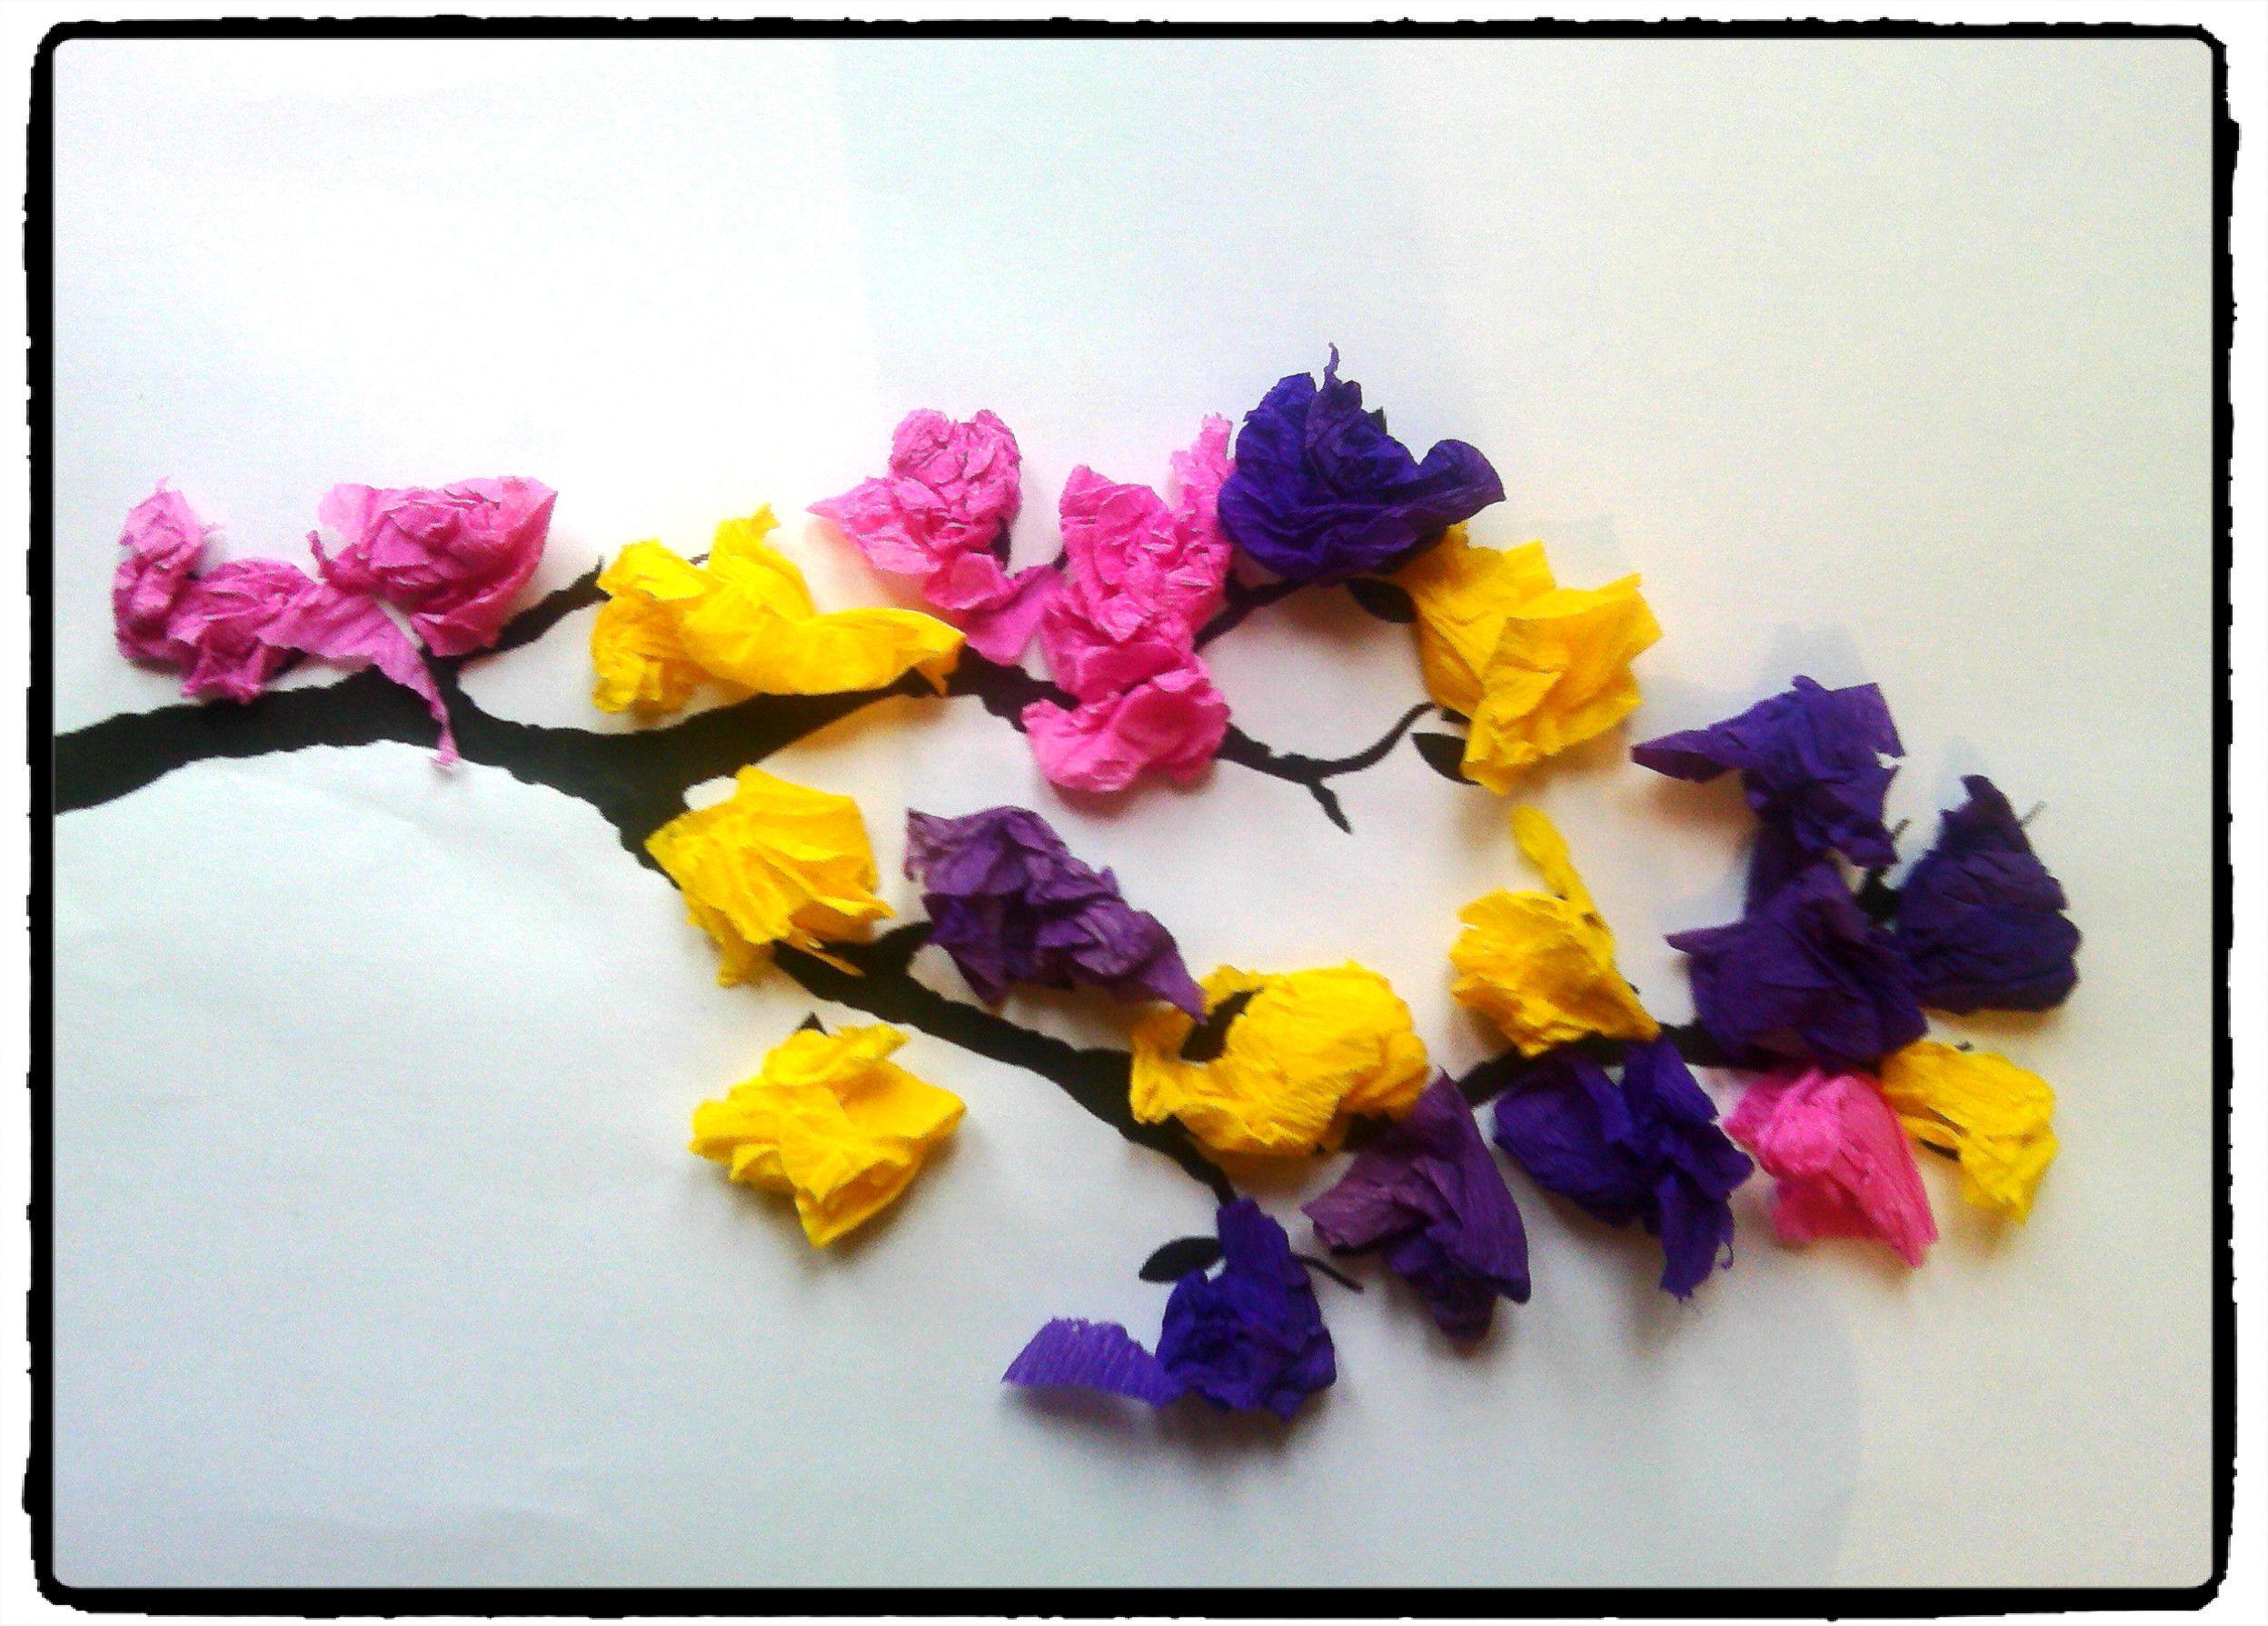 Häufig branche d'arbre printanière, bricolage printemps, fleurs  PD66